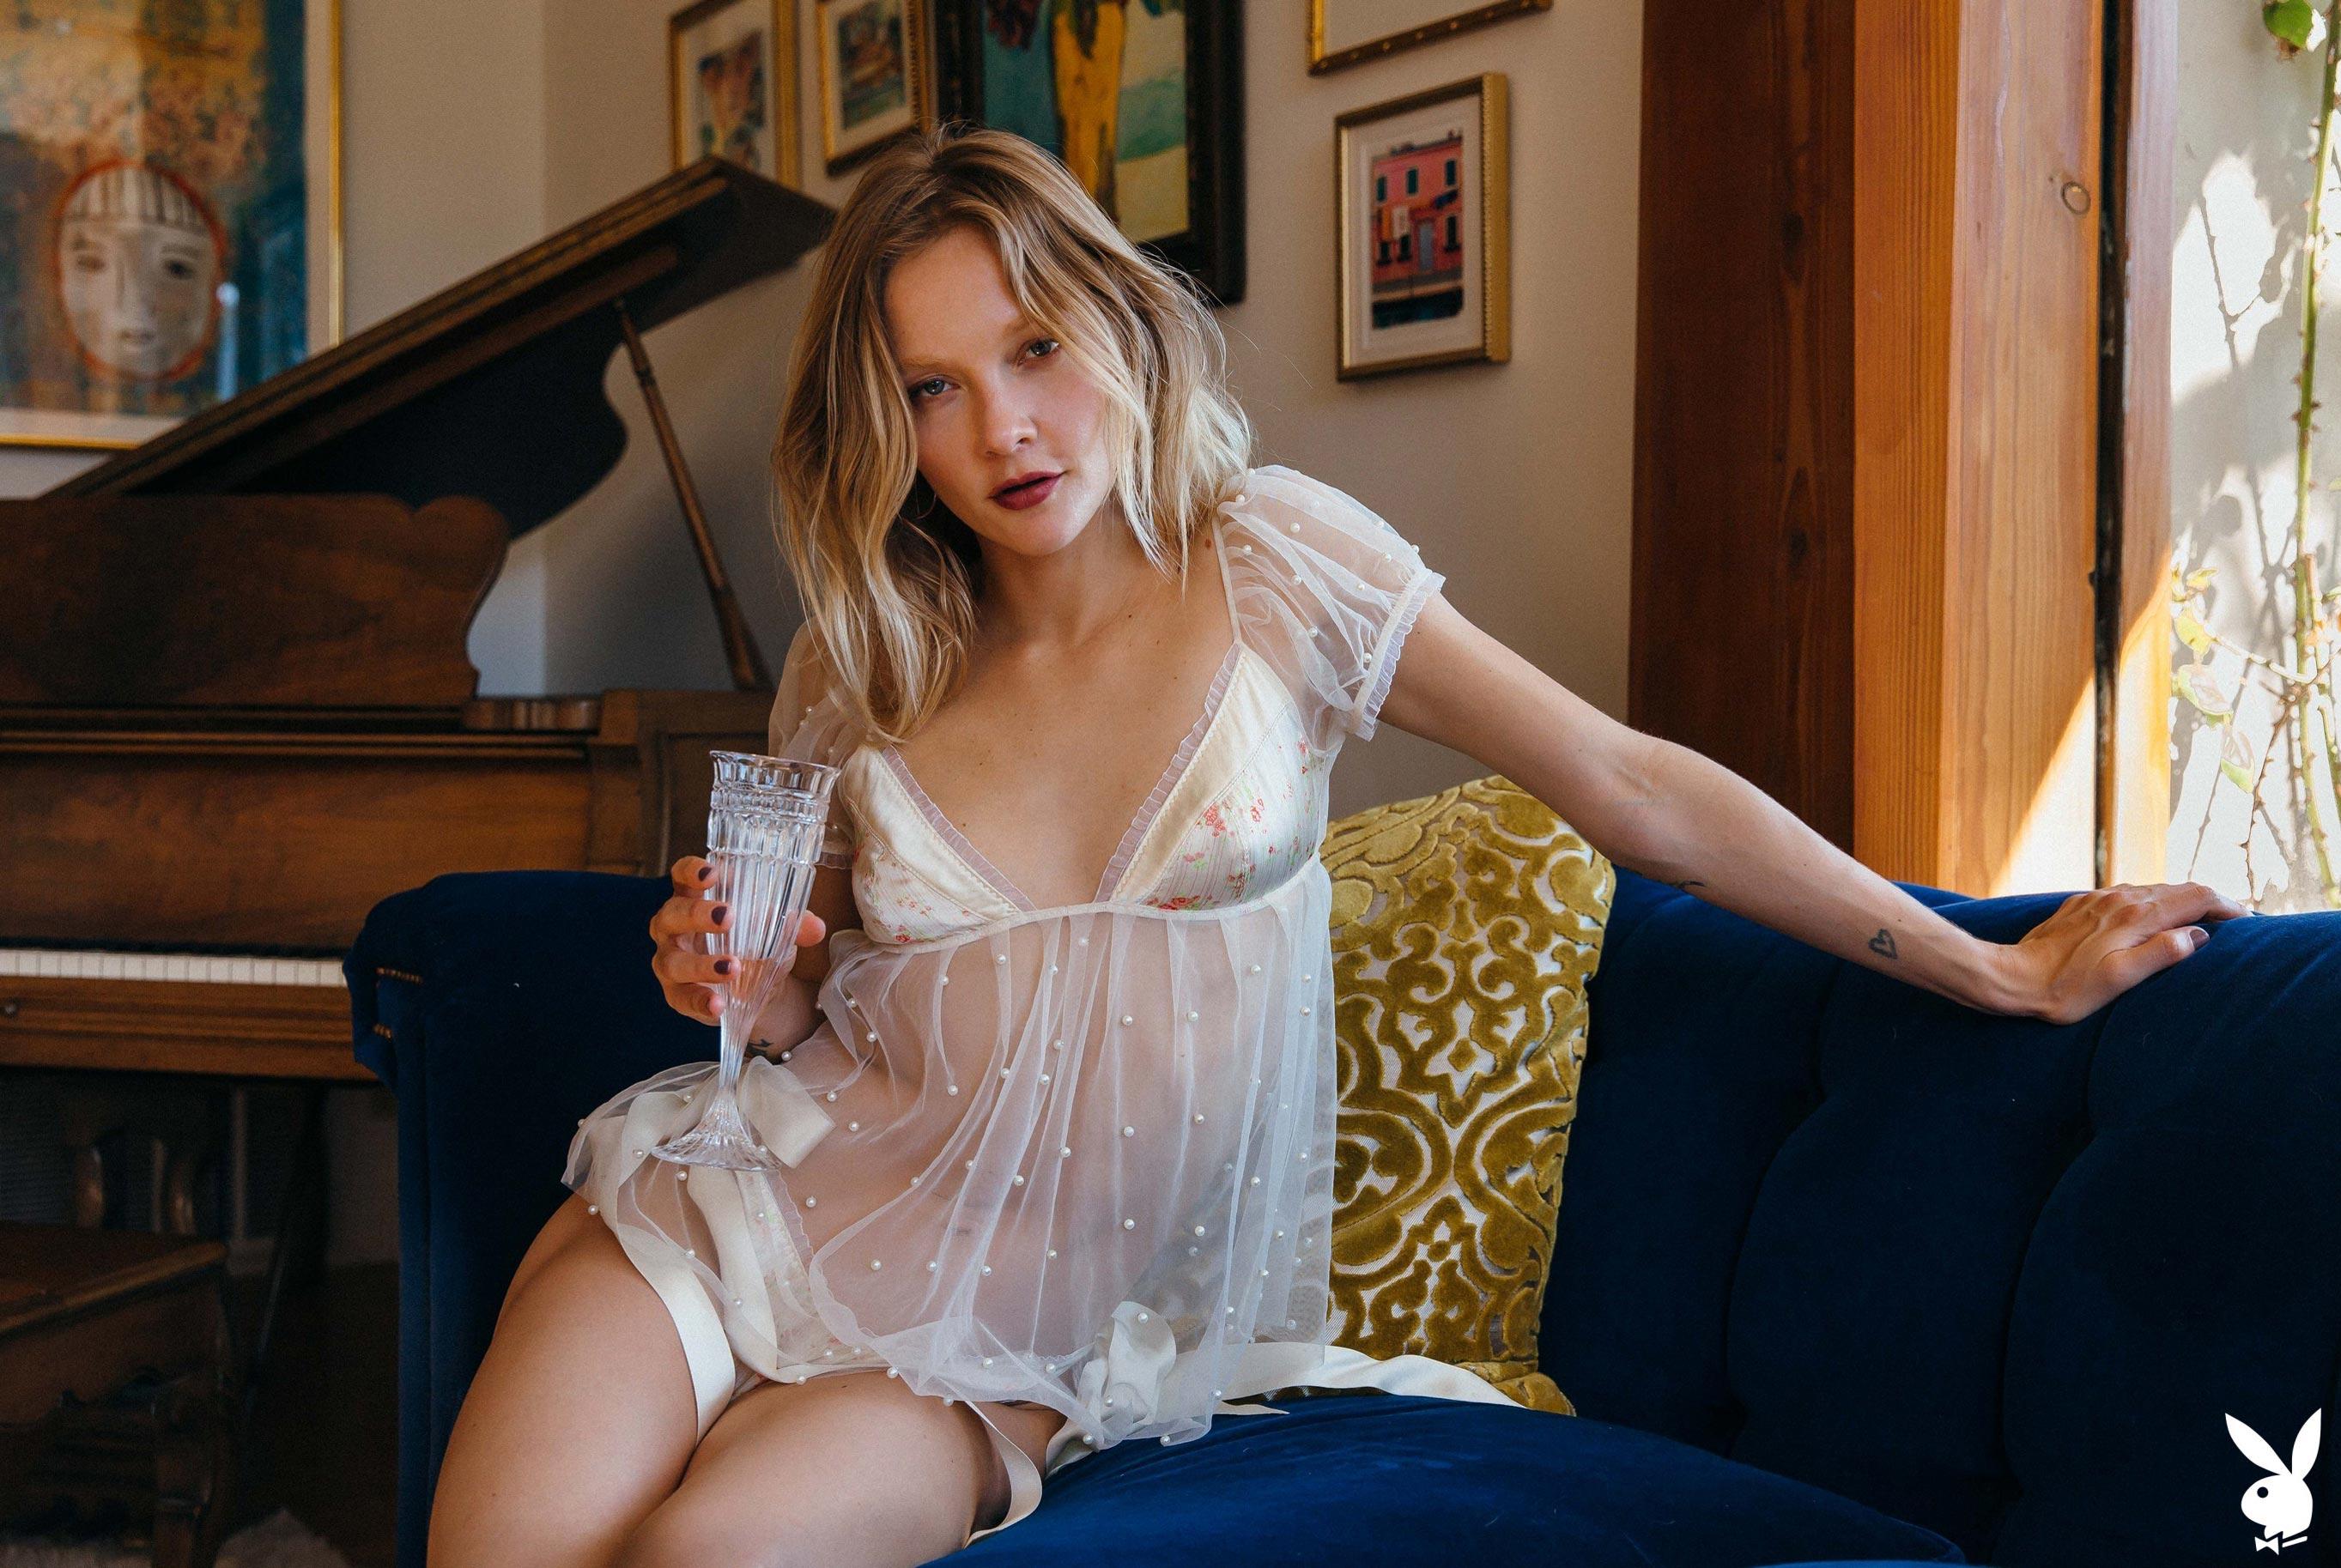 студентка и модель, голая у пианино / фото 01